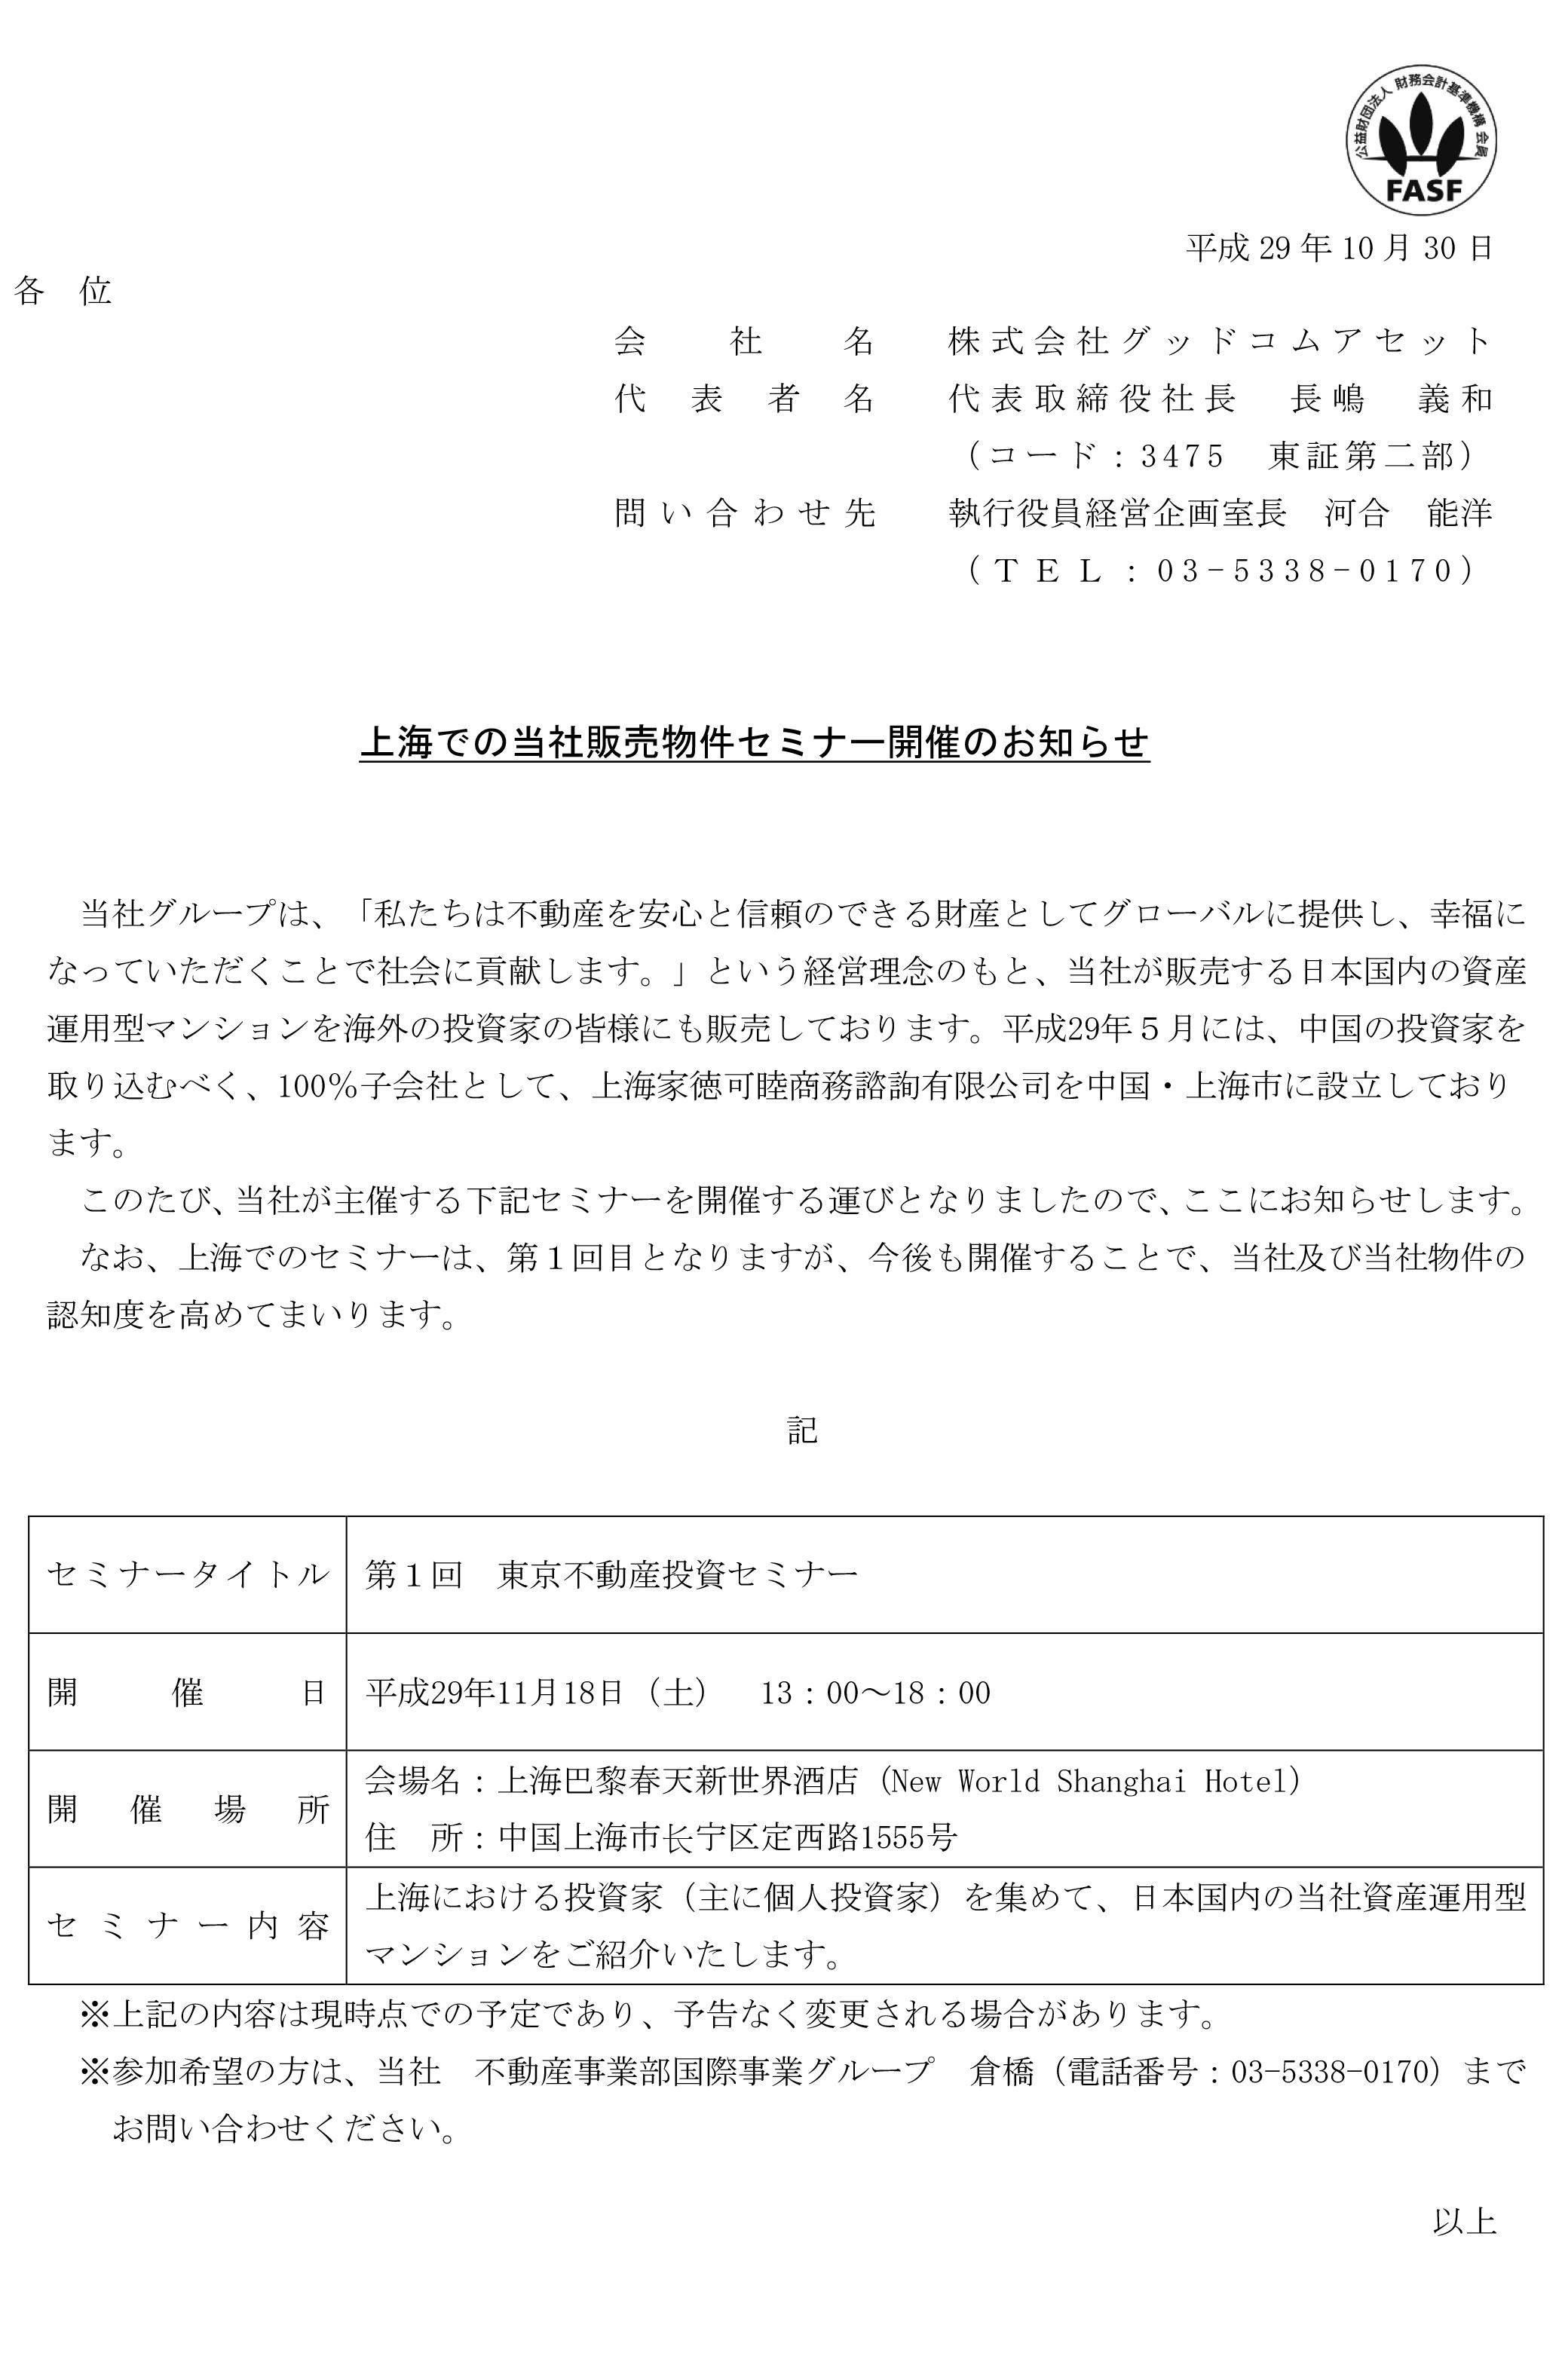 17-10-30上海での当社販売物件セミナー開催のお知らせ